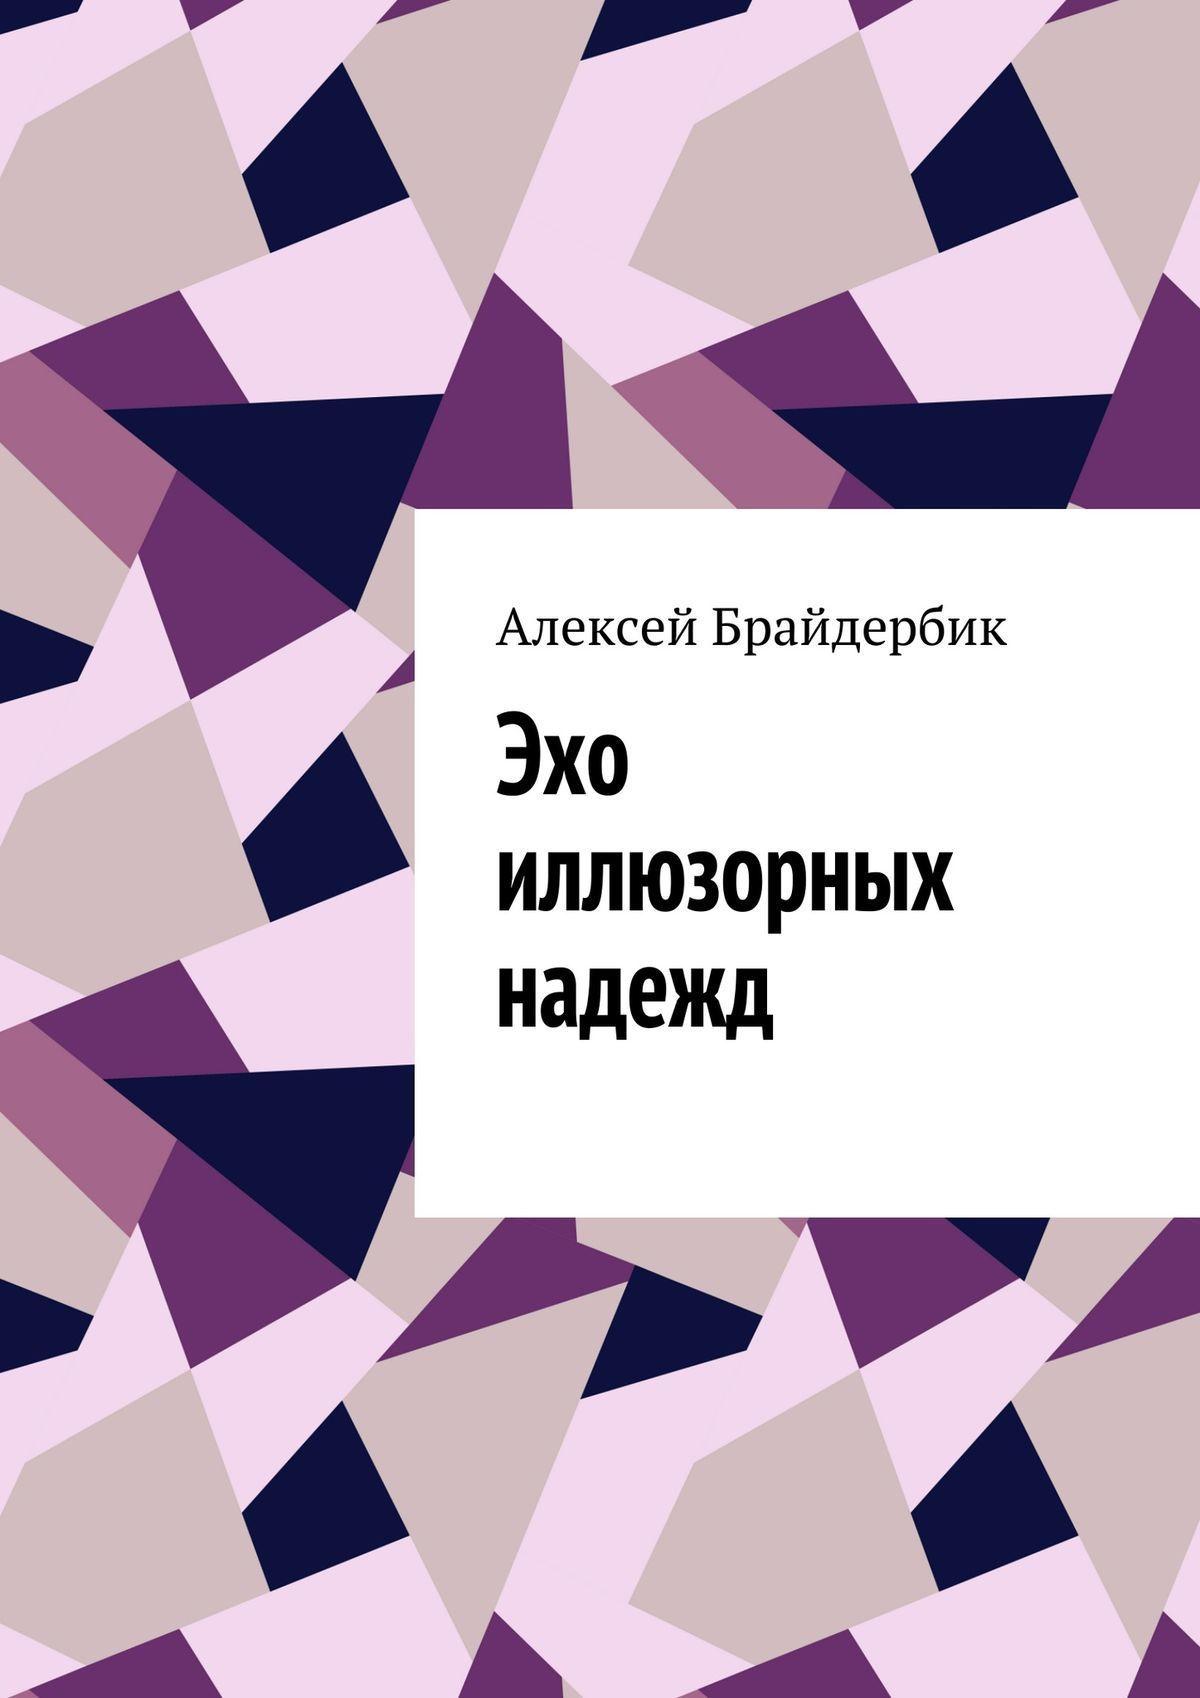 Алексей Брайдербик Эхо иллюзорных надежд алексей брайдербик движение